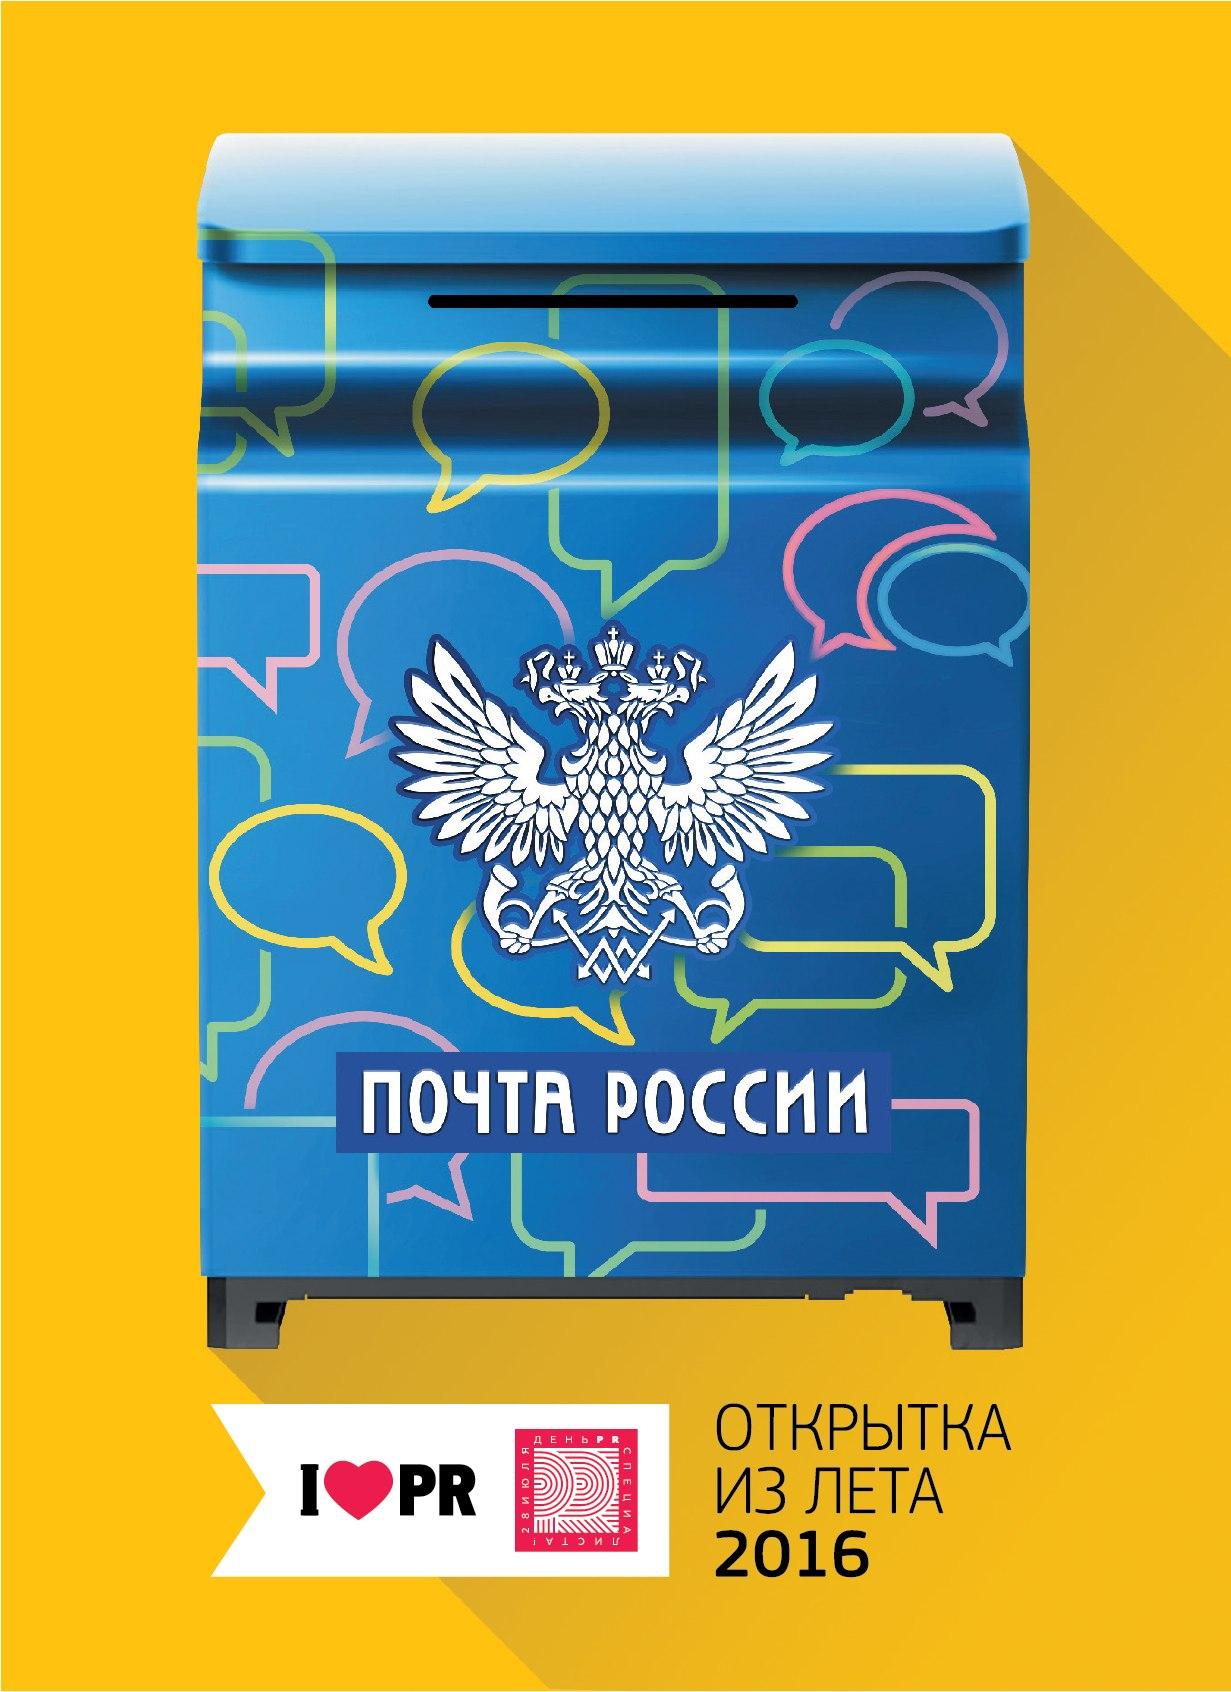 Почта россии открытка через интернет